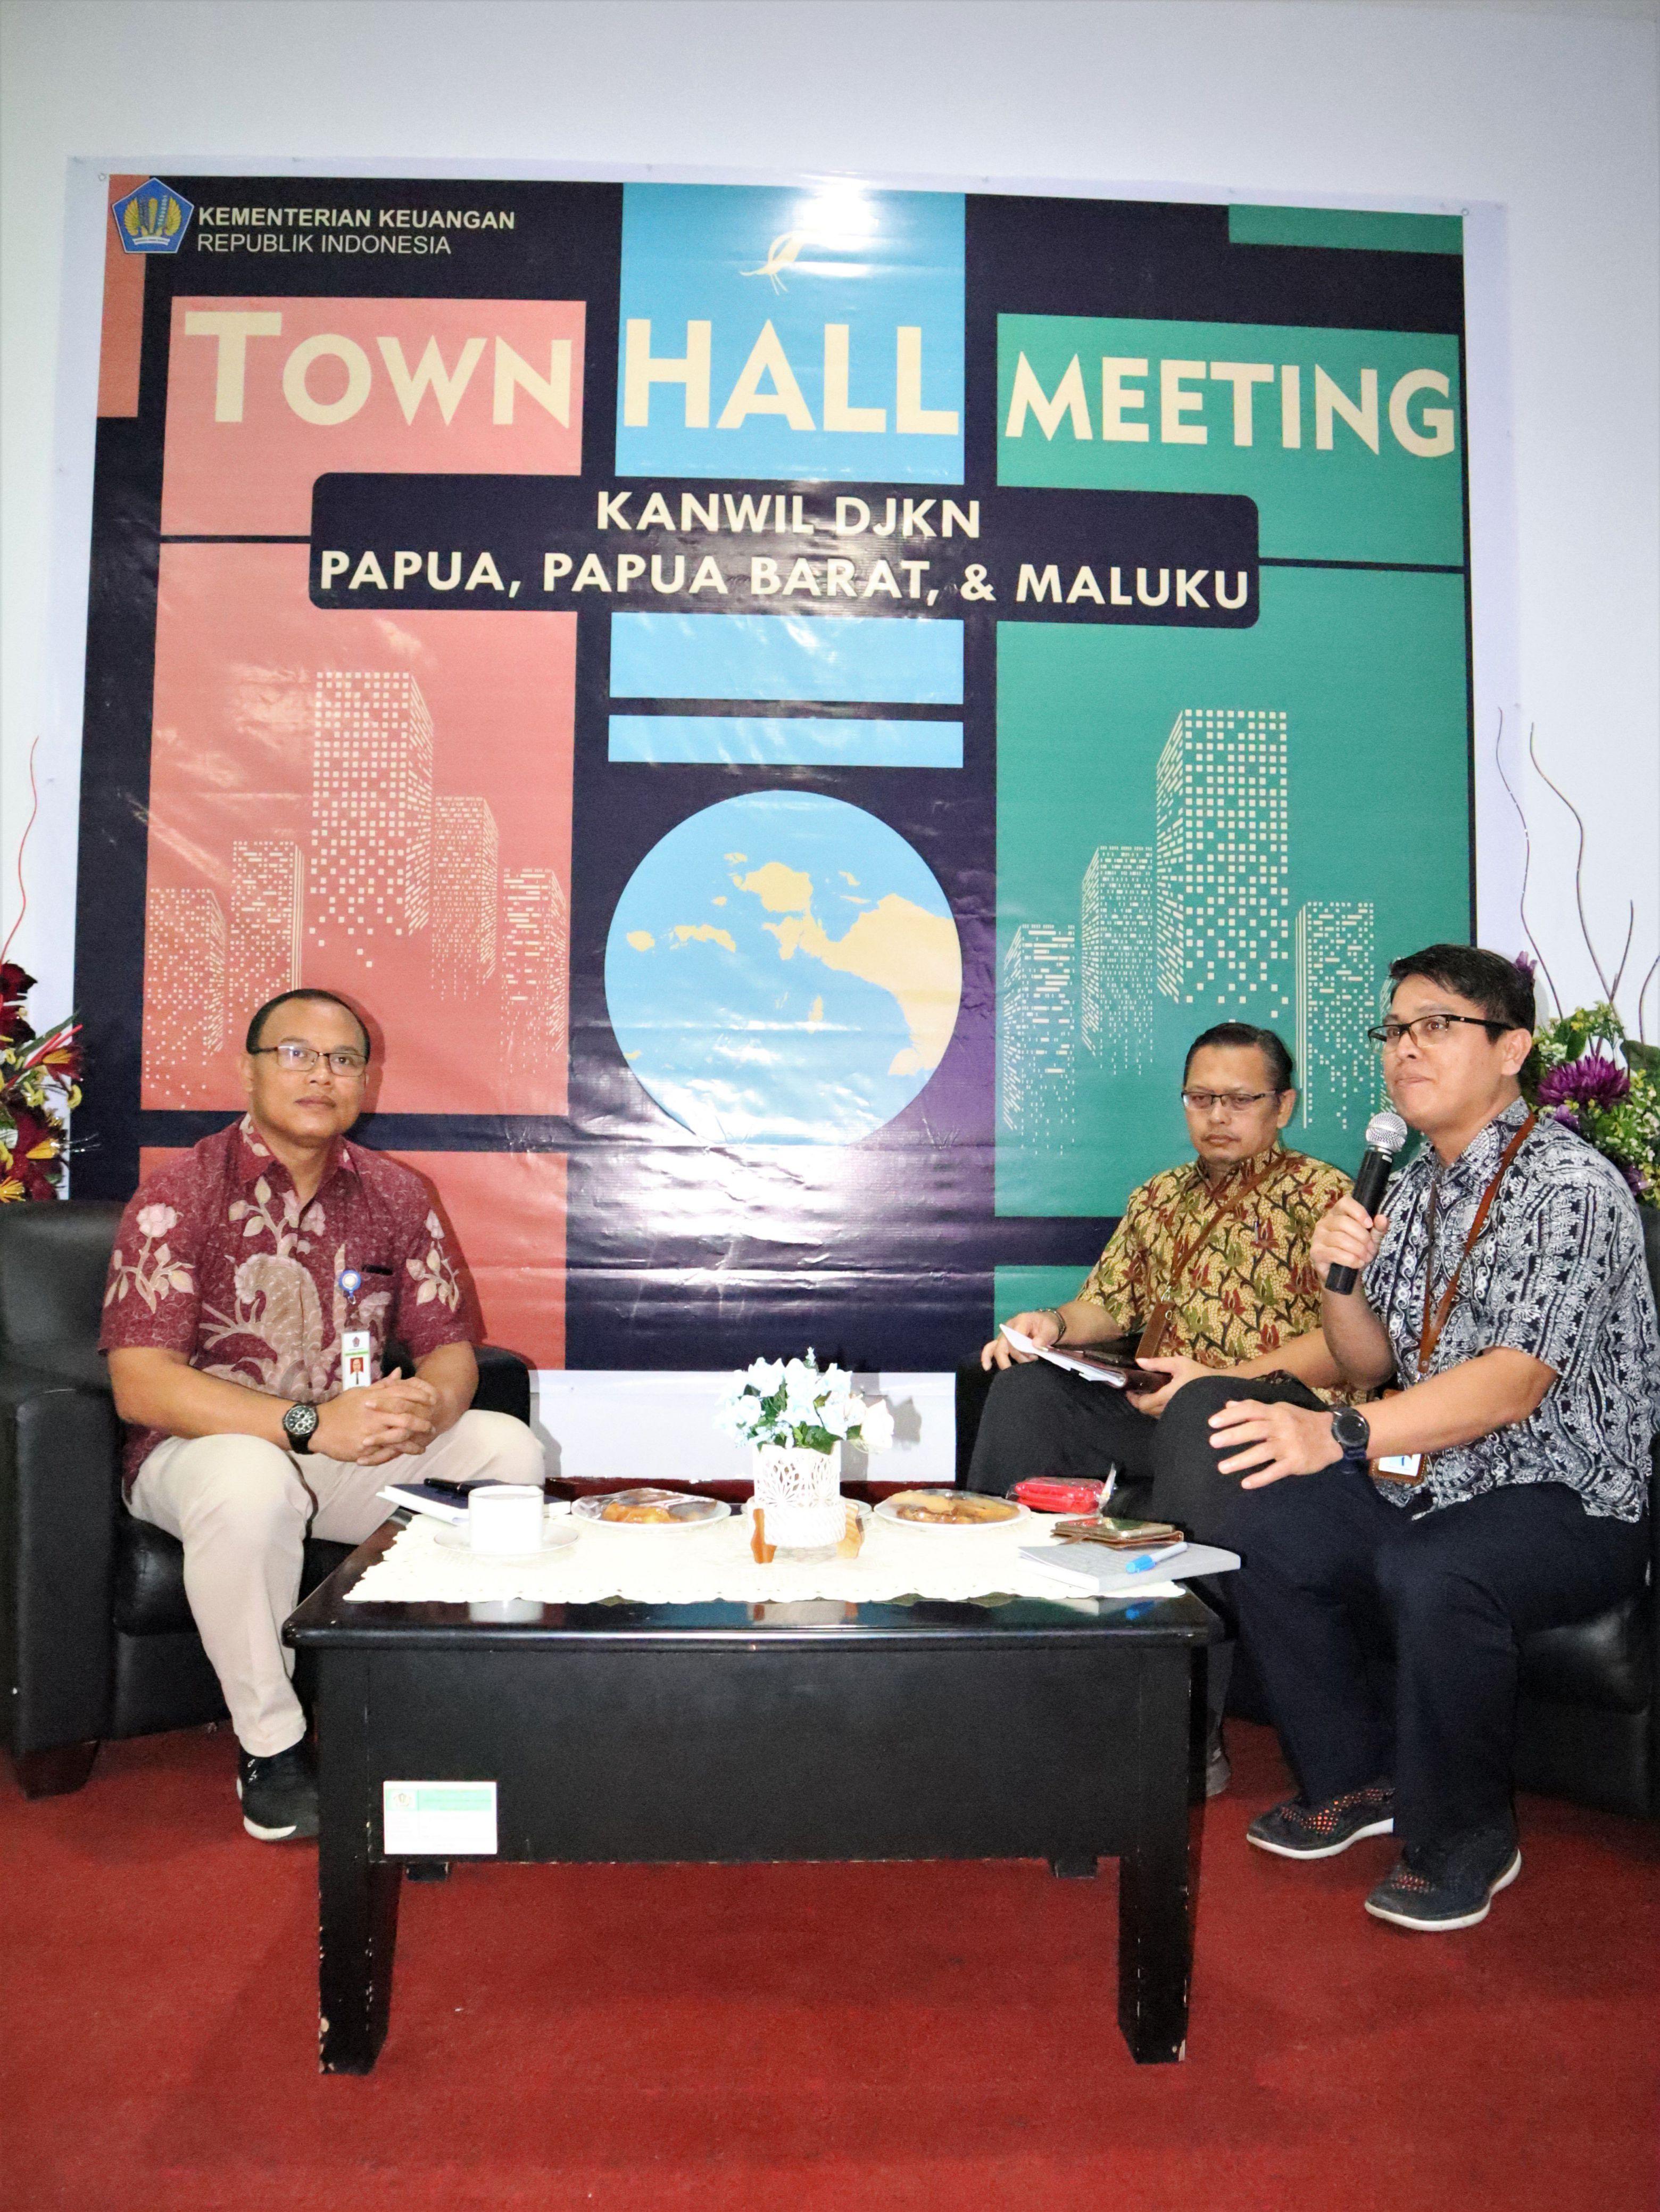 Town Hall Meeting Kanwil DJKN Papabaruku: Strategi Menghadapi Tantangan 2020 Dalam Rangka Mencapai Distinguished Asset Manager